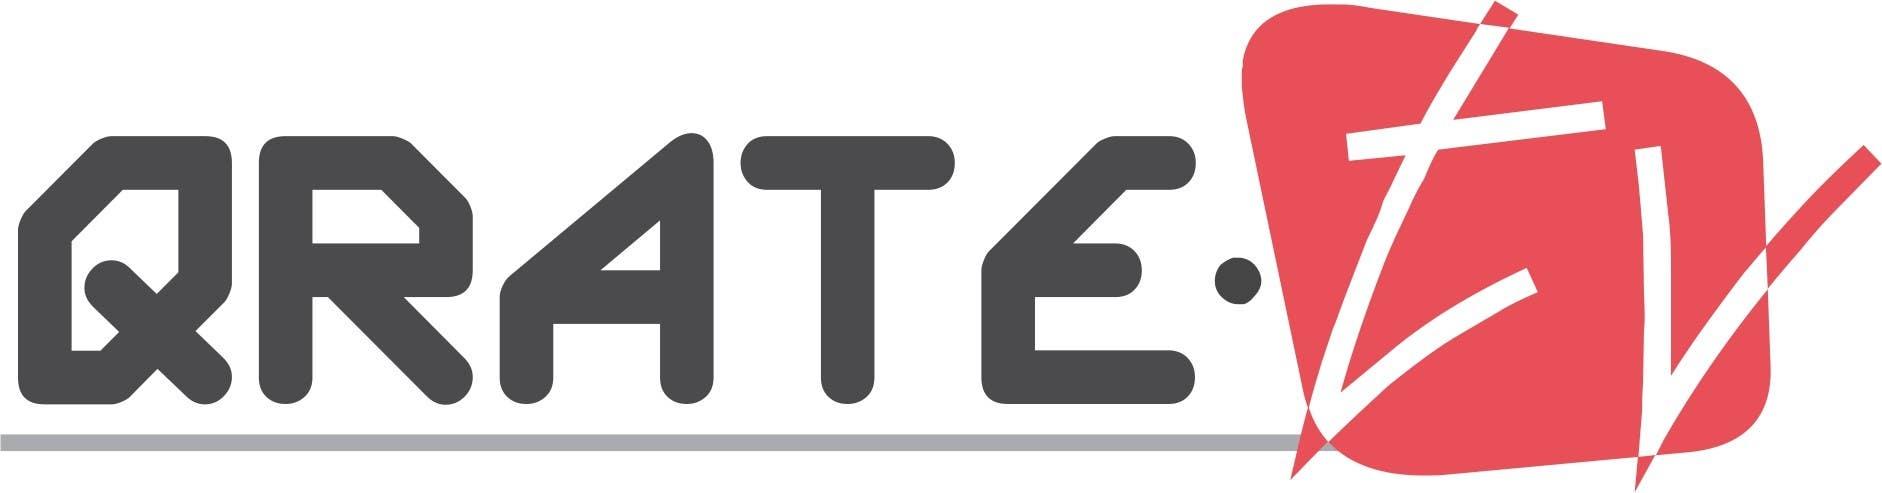 Inscrição nº 35 do Concurso para Design a Logo for QRATE.TV